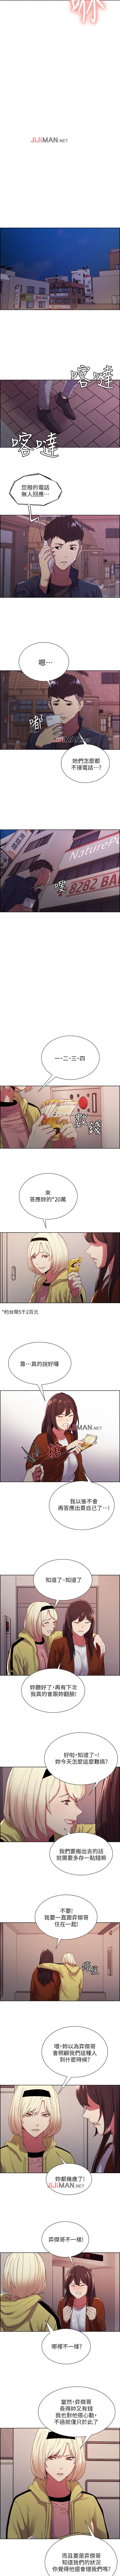 【周二连载】室友招募中(作者:Serious) 第1~15话 91